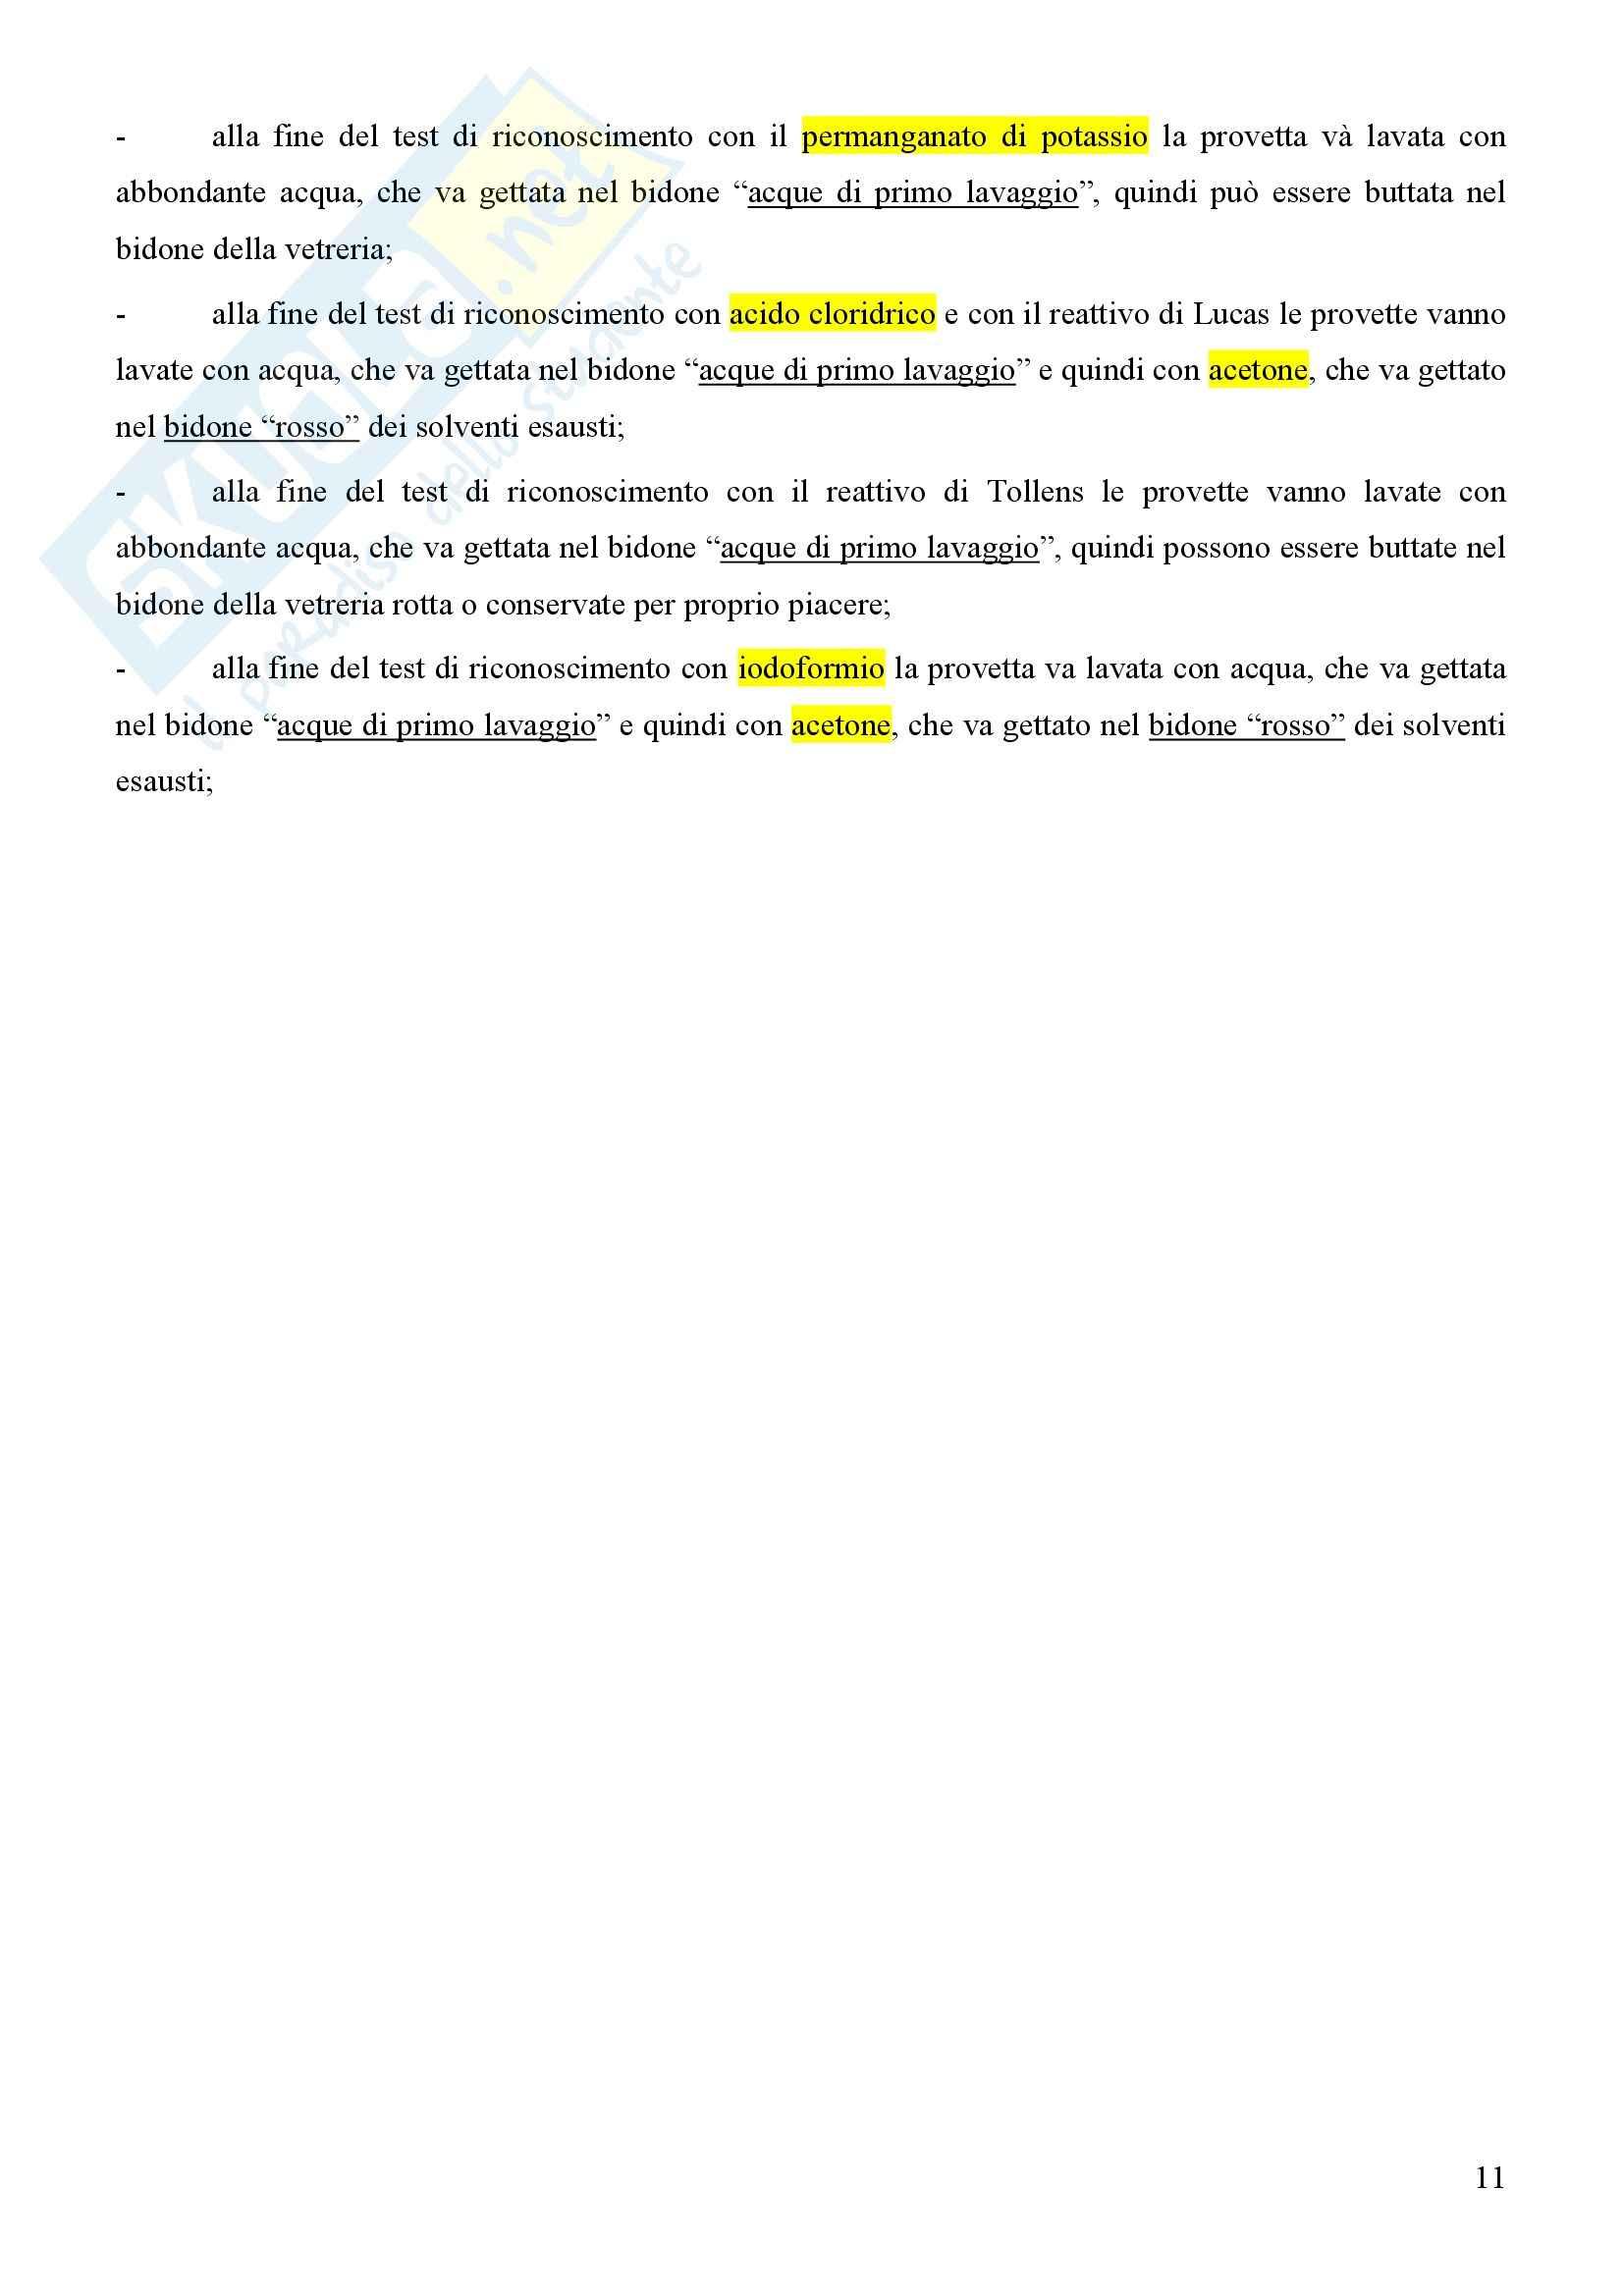 Laboratorio di estrazione e sintesi dei farmaci - Appunti Pag. 11